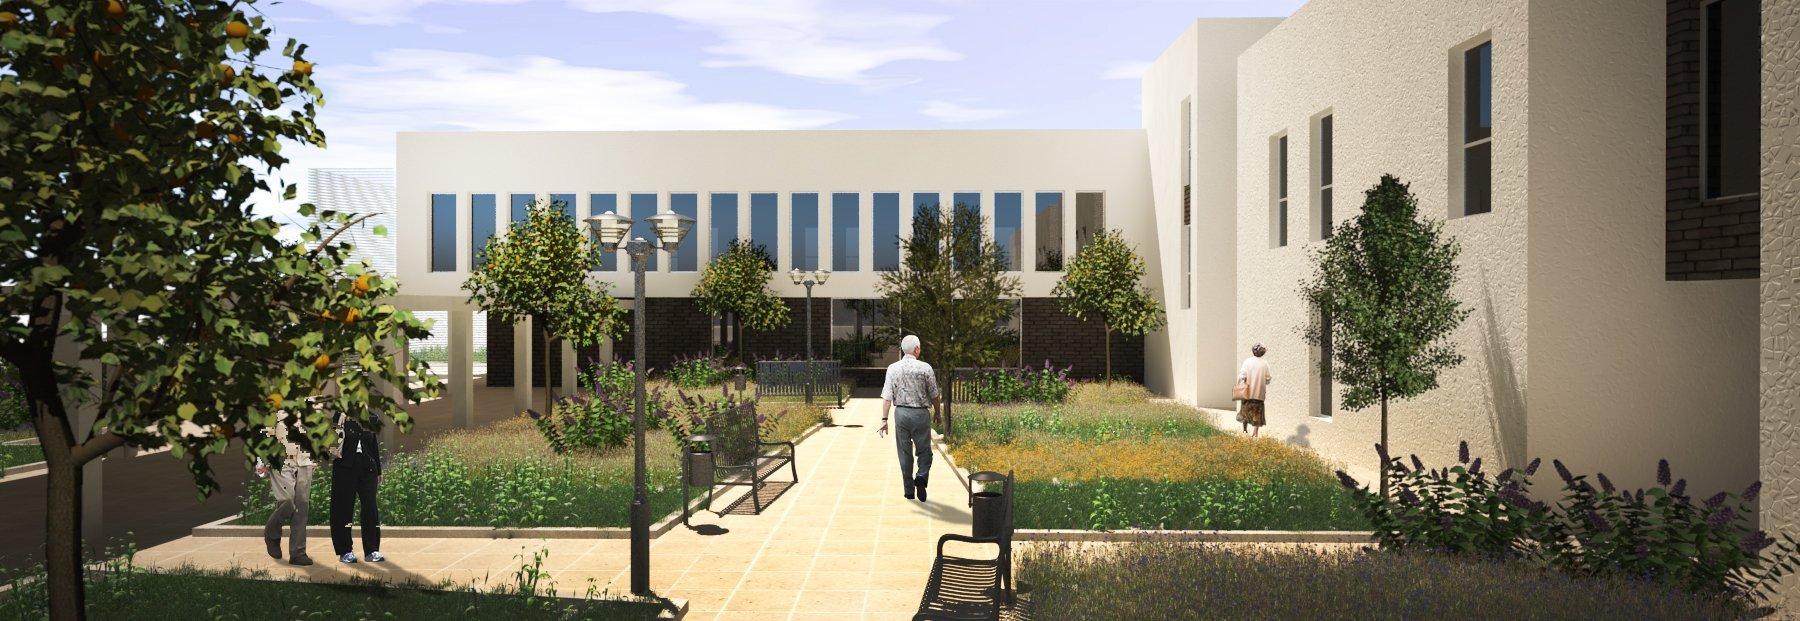 Concurso residencia de ancianos Almería. Arquitectura Almeria.